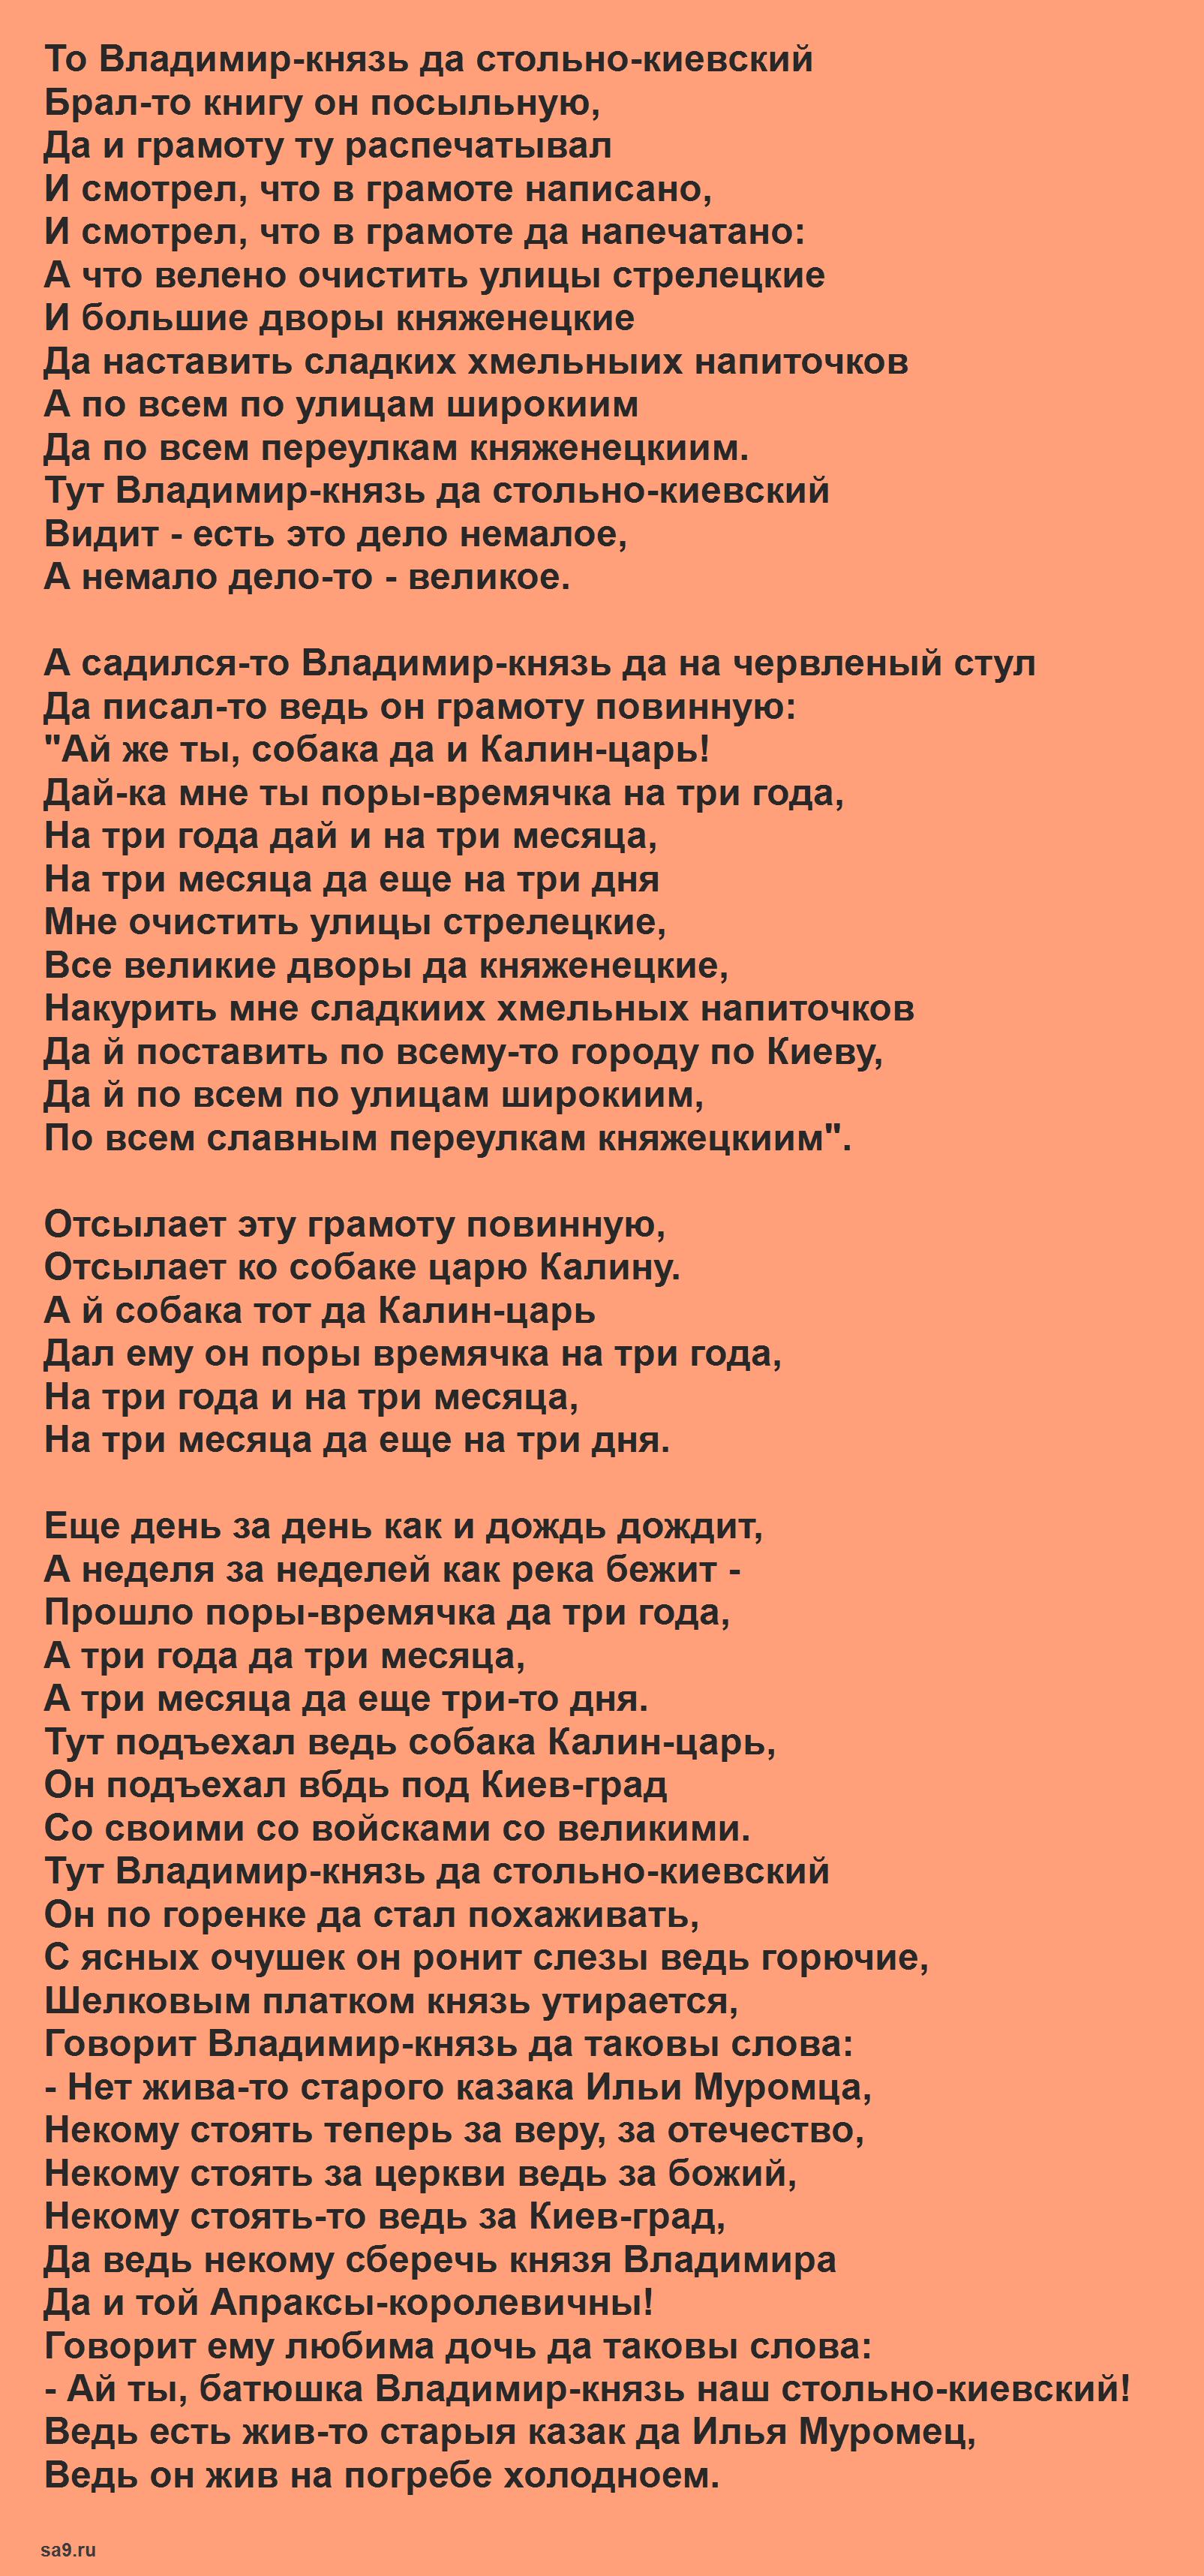 Читать былину - Илья Муромец и Калин царь